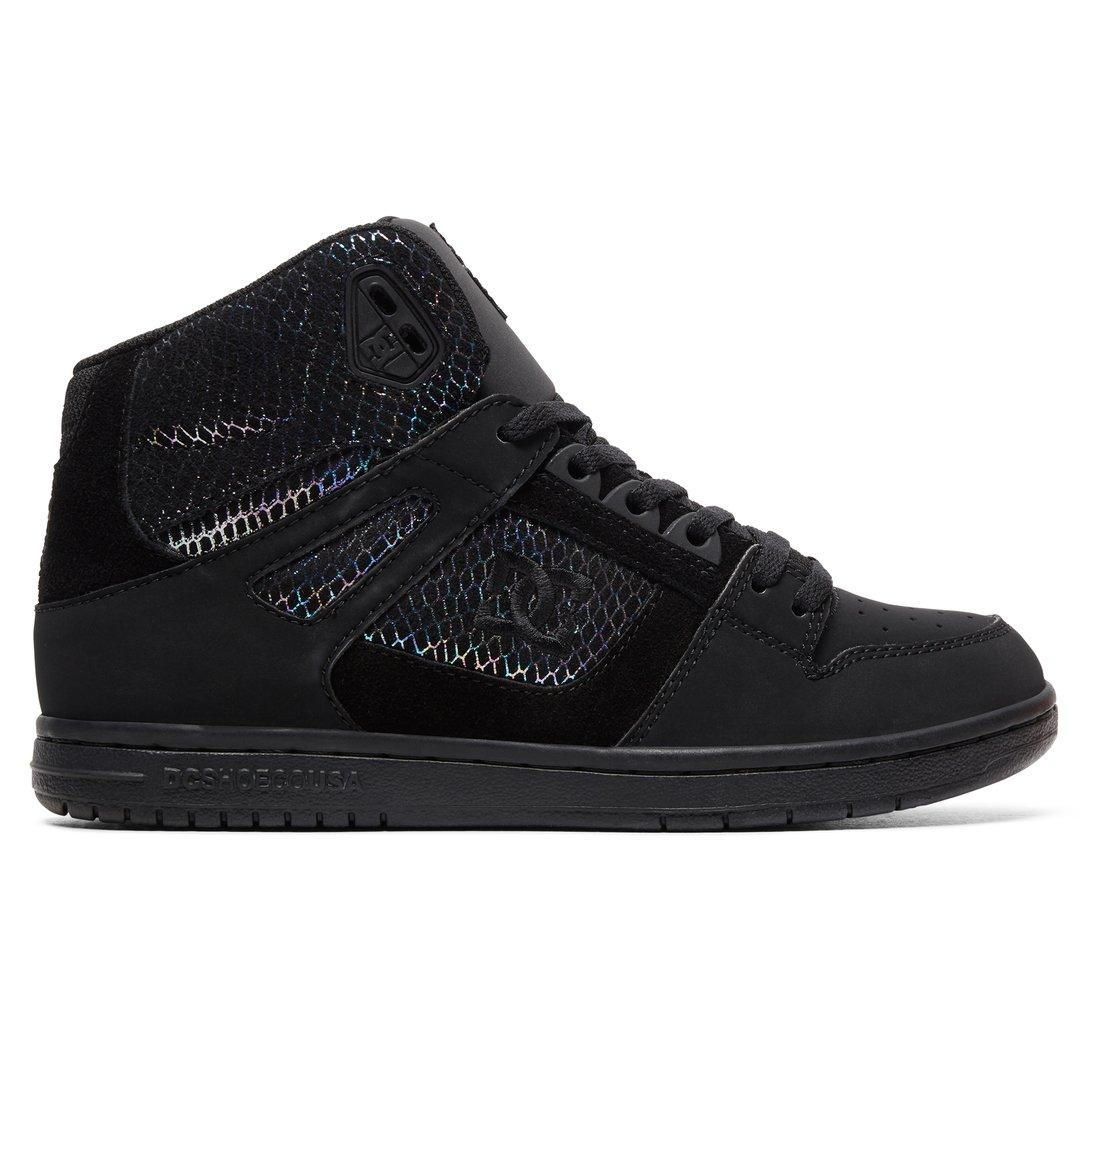 De Alta Zapatillas Mujer Pure Caña Adjs100116Dc Se Para Shoes m80Nnwv